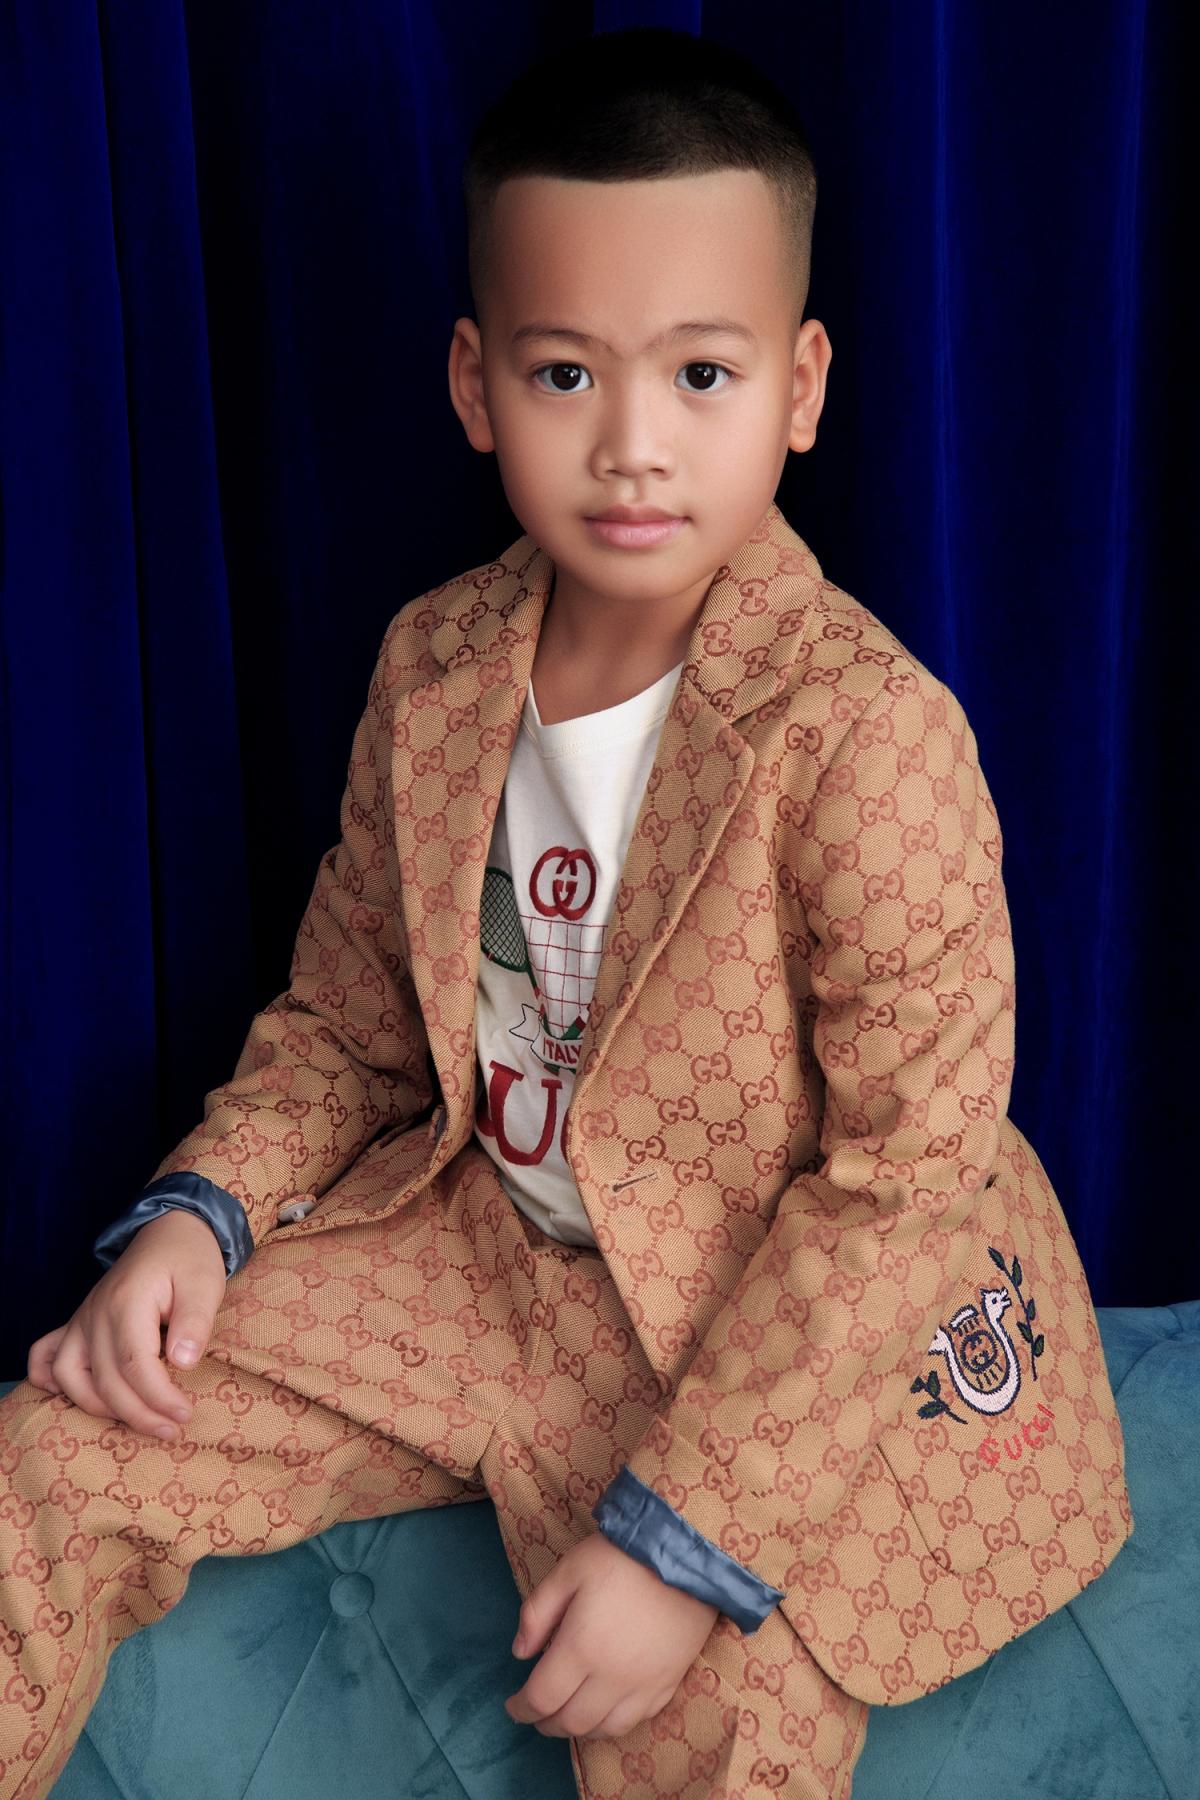 Tít (Đỗ Phạm Gia An) diện vest màu nâu nhạt phối cùng áo thun với hoạ tiết đặc trưng của thương hiệu Gucci. NTK tiết lộ con trai có thiên hướng trở thành người làm việc văn phòng, kinh doanh.